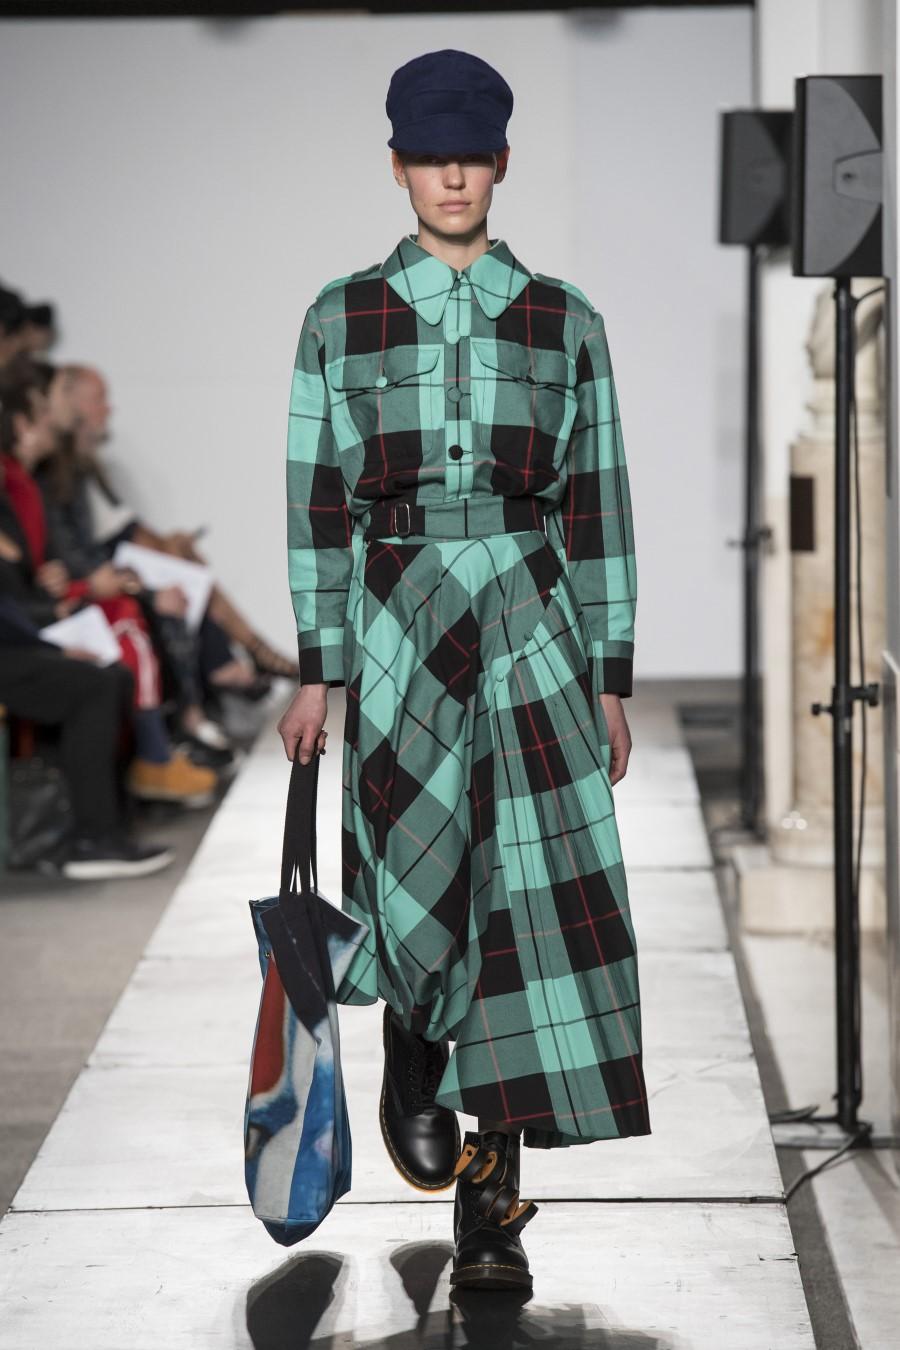 Charles Jeffrey LOVERBOY - Printemps Été 2020 - London Fashion Week Men's